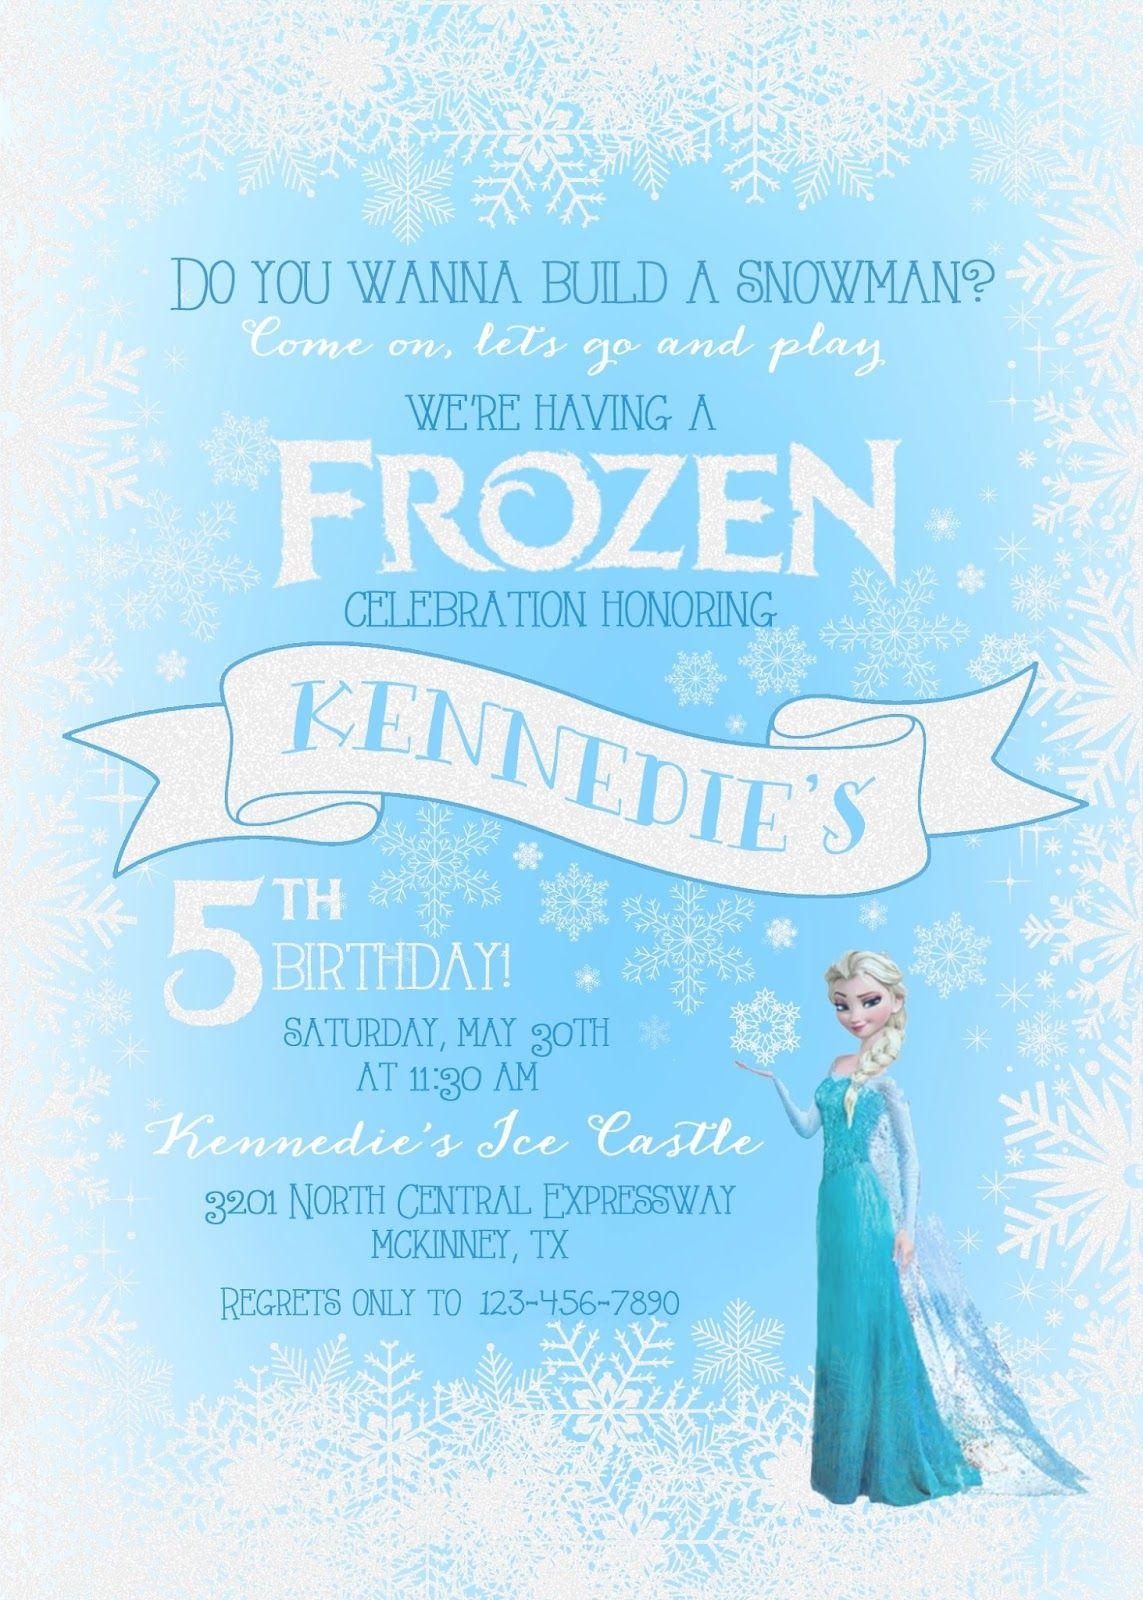 5th Frozen Birthday invite | MY parties | Pinterest | Frozen ...